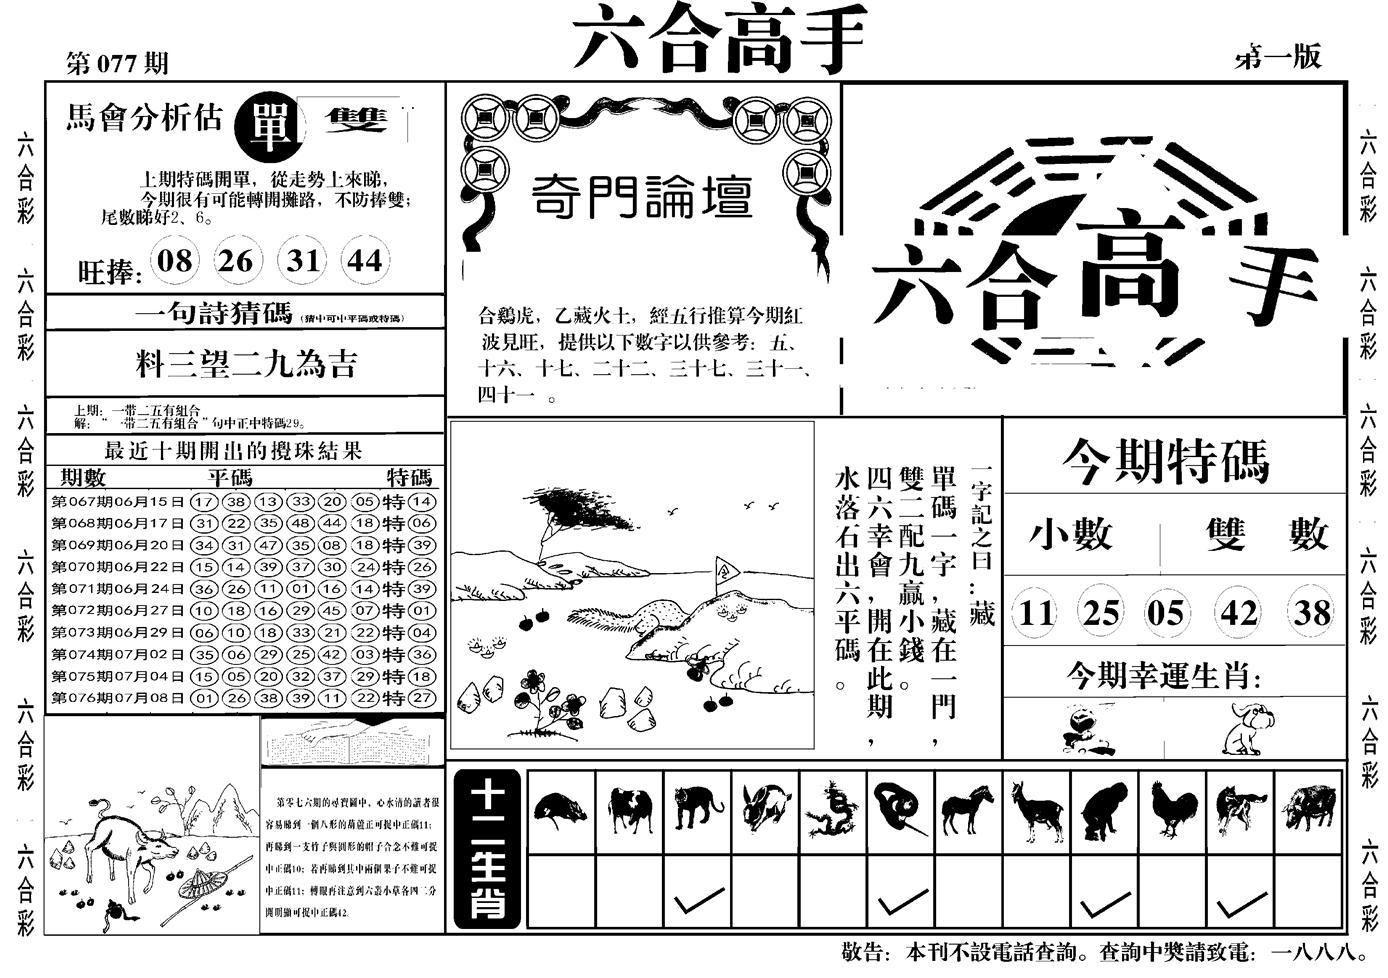 077期六合高手A(黑白)